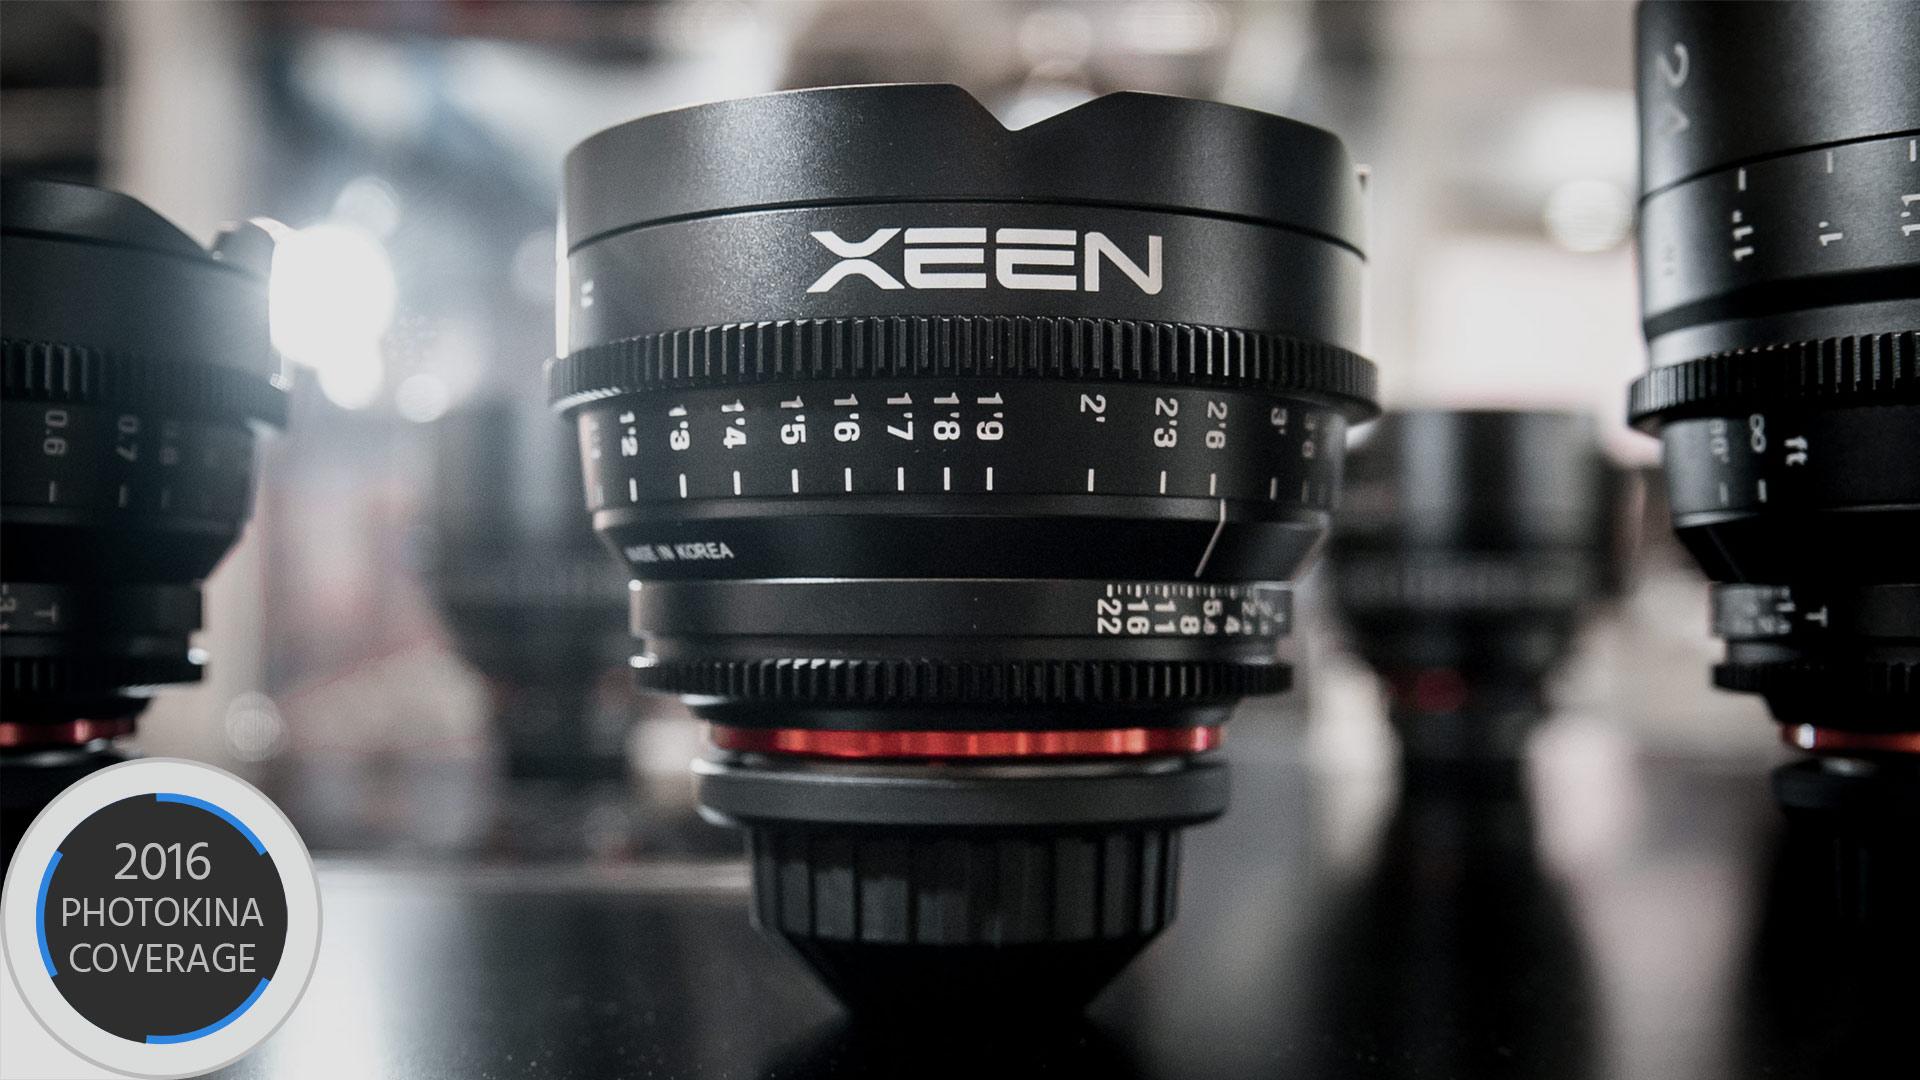 サムヤン(Samyang)がXeen 16mm T2.6を発表 - 各種マウントに対応